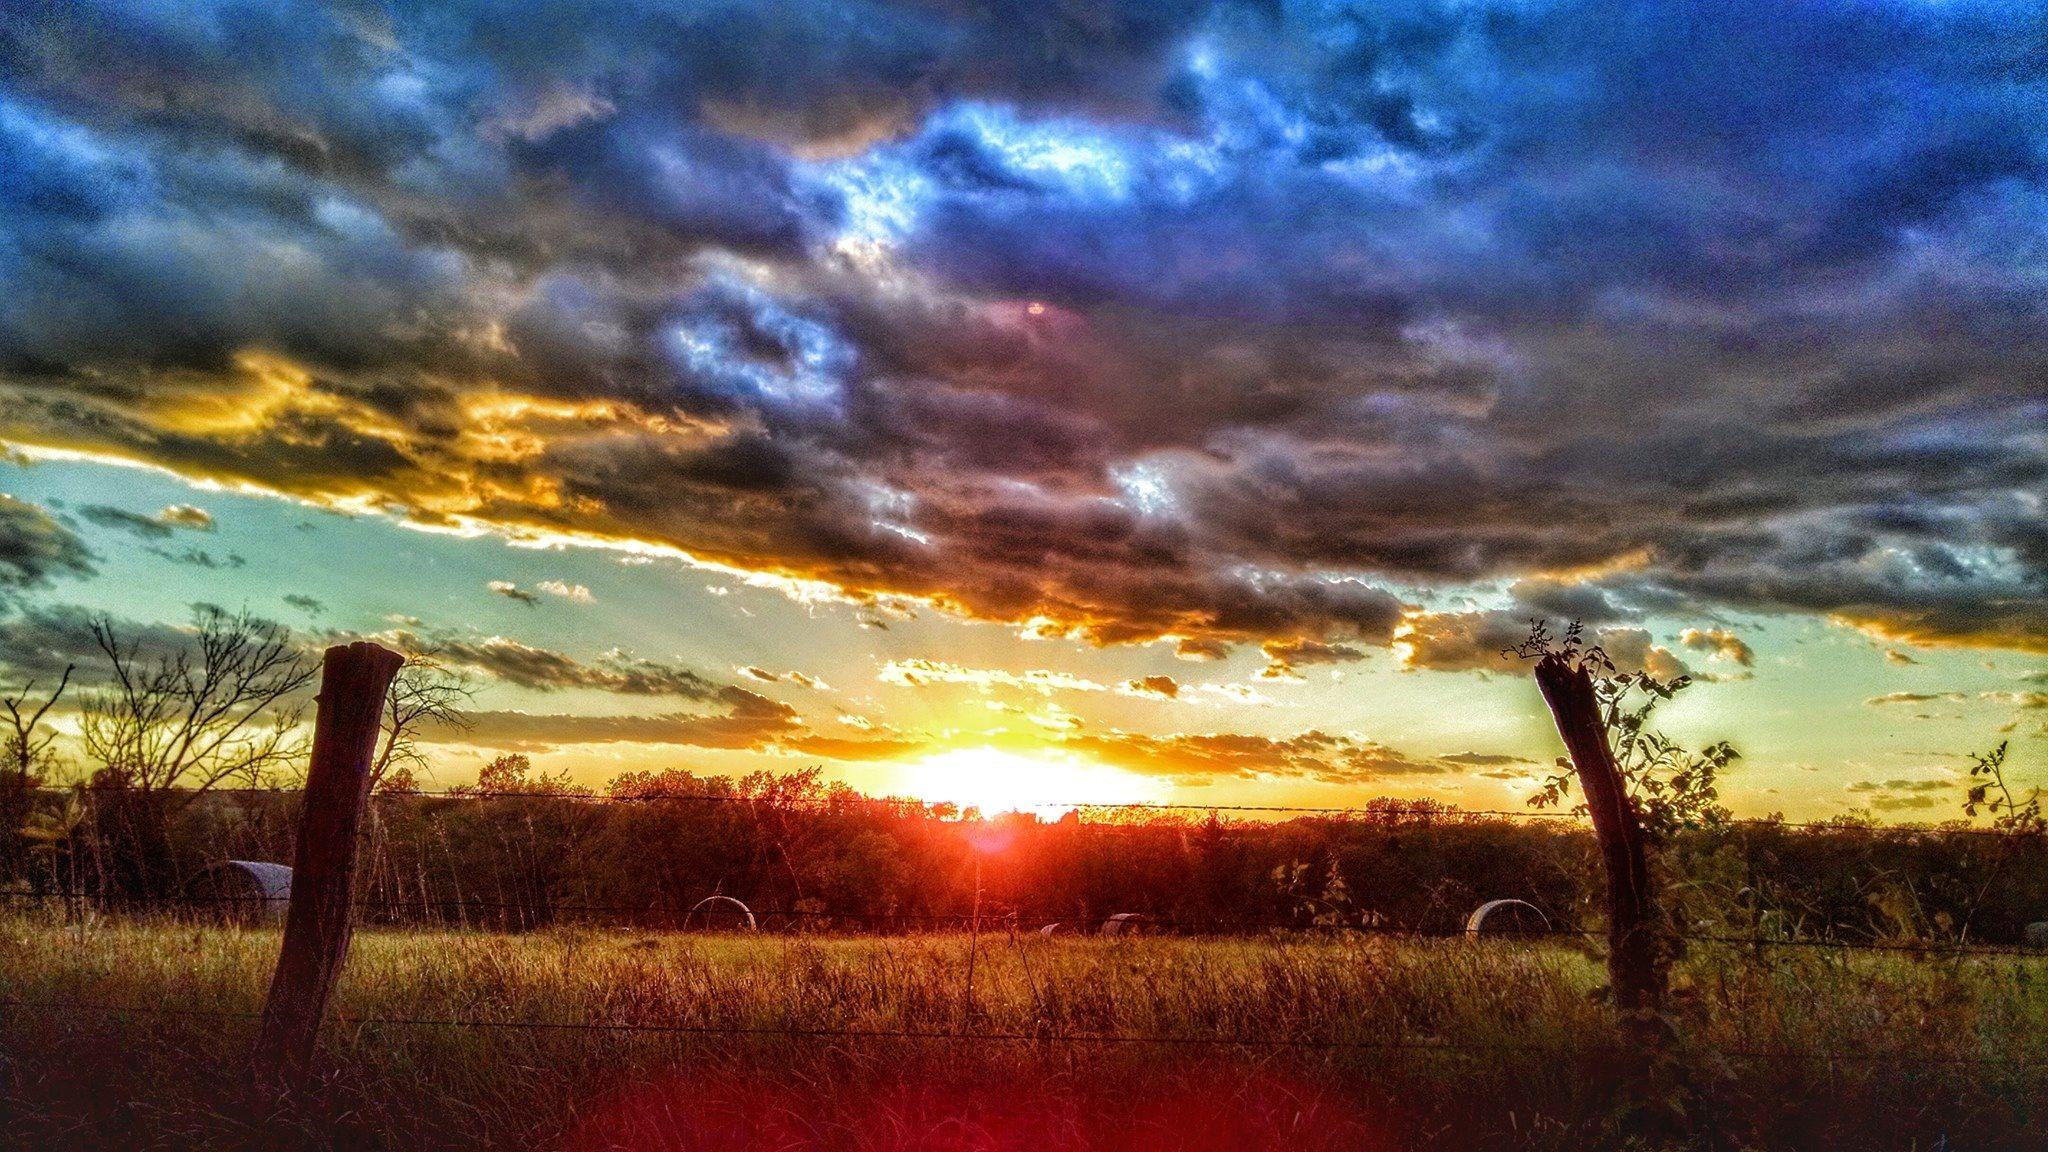 Park Art|My WordPress Blog_City Of Abilene Ks Jobs